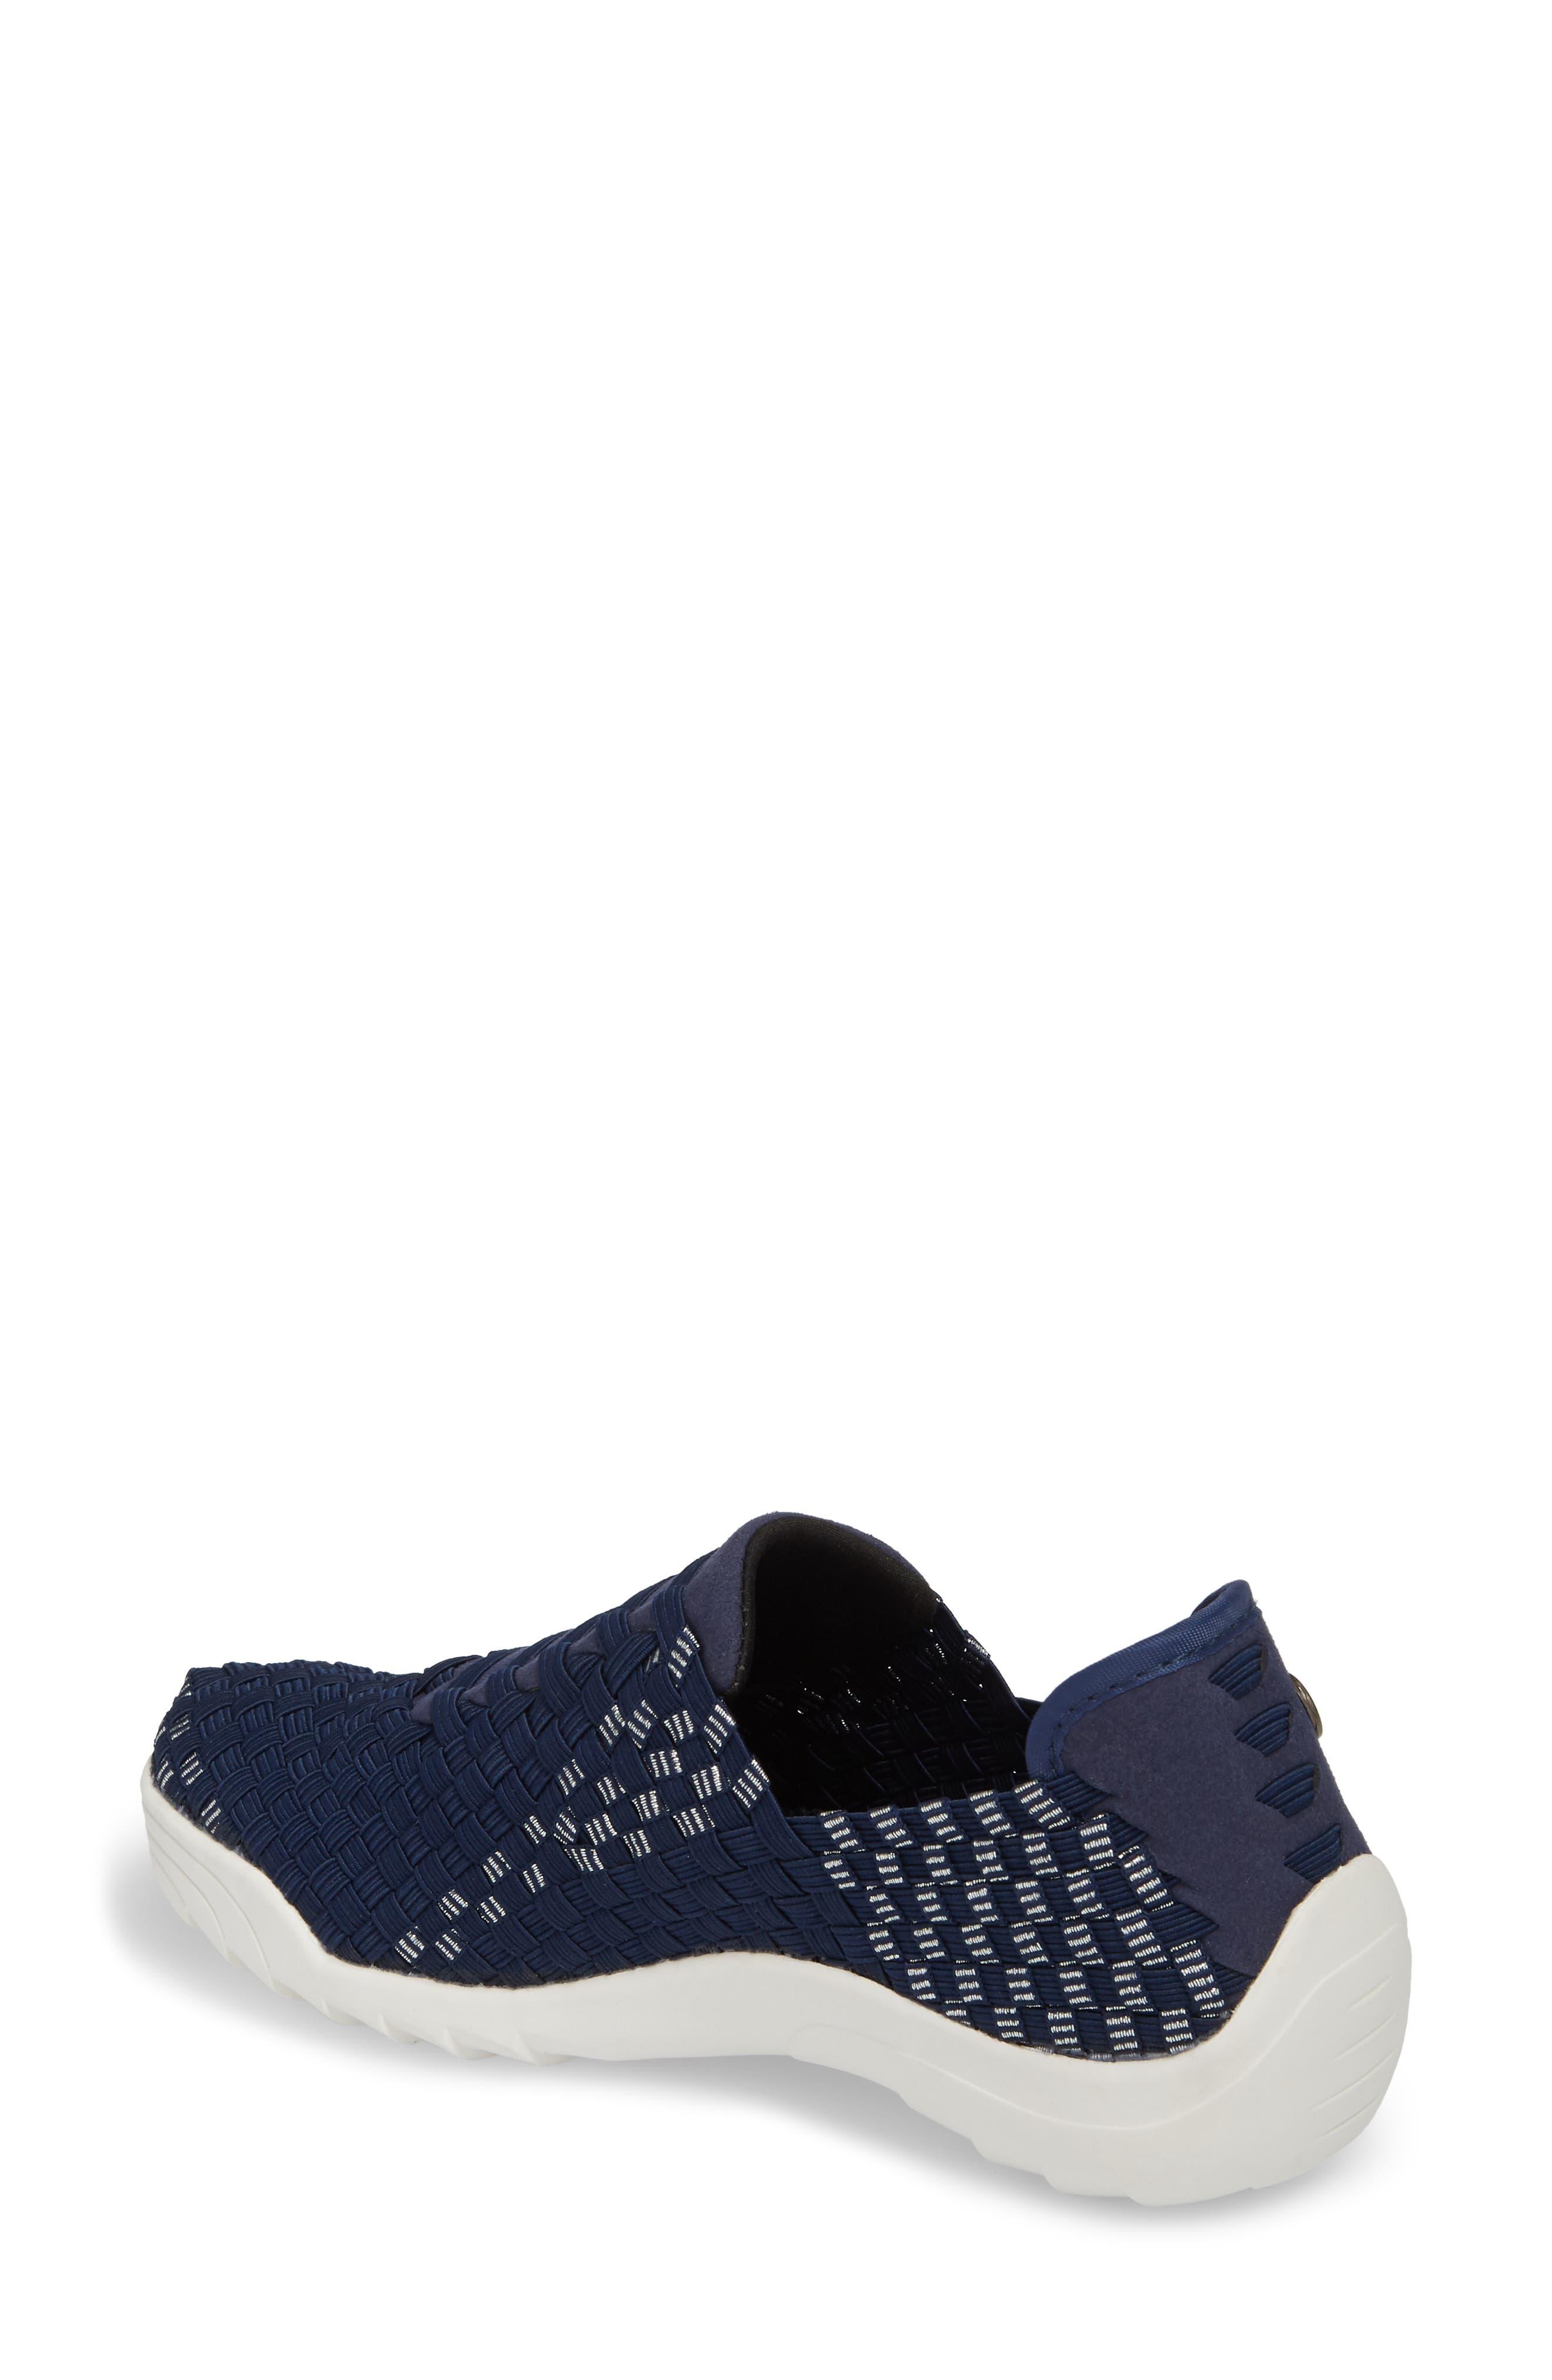 Rigged Vivaldi Slip-On Sneaker,                             Alternate thumbnail 2, color,                             Navy Lurex